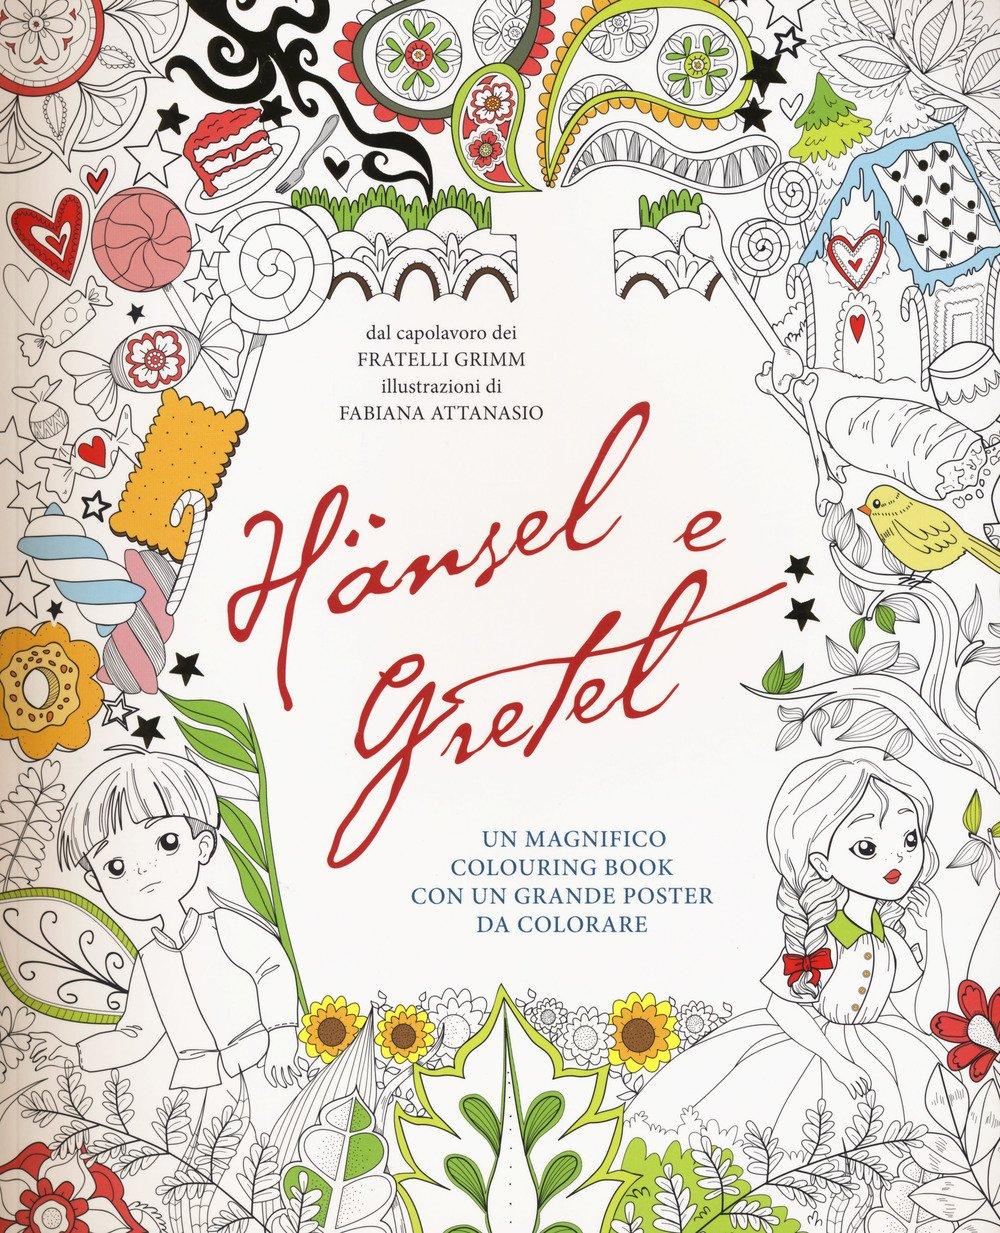 Hänsel e Gretel. Colouring book. Ediz. illustrata. Con Poster